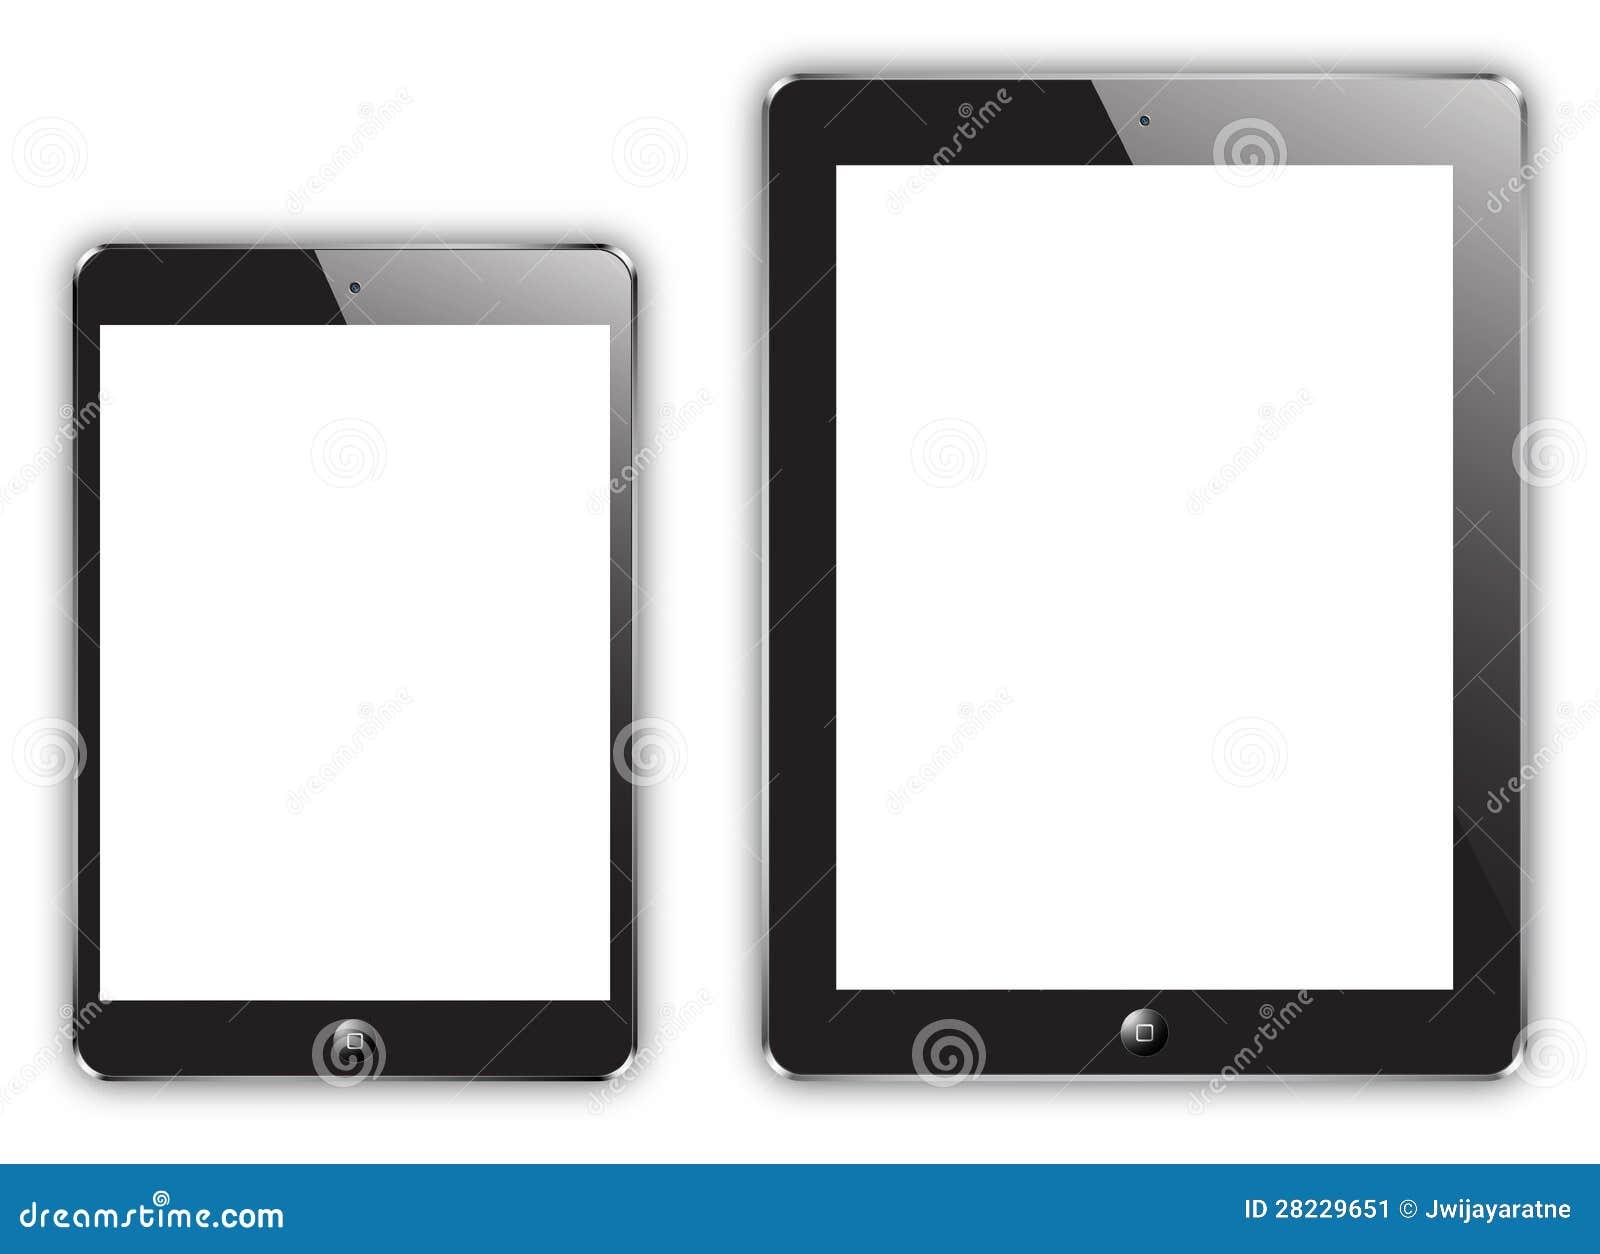 Nowy ipad mini & ipad